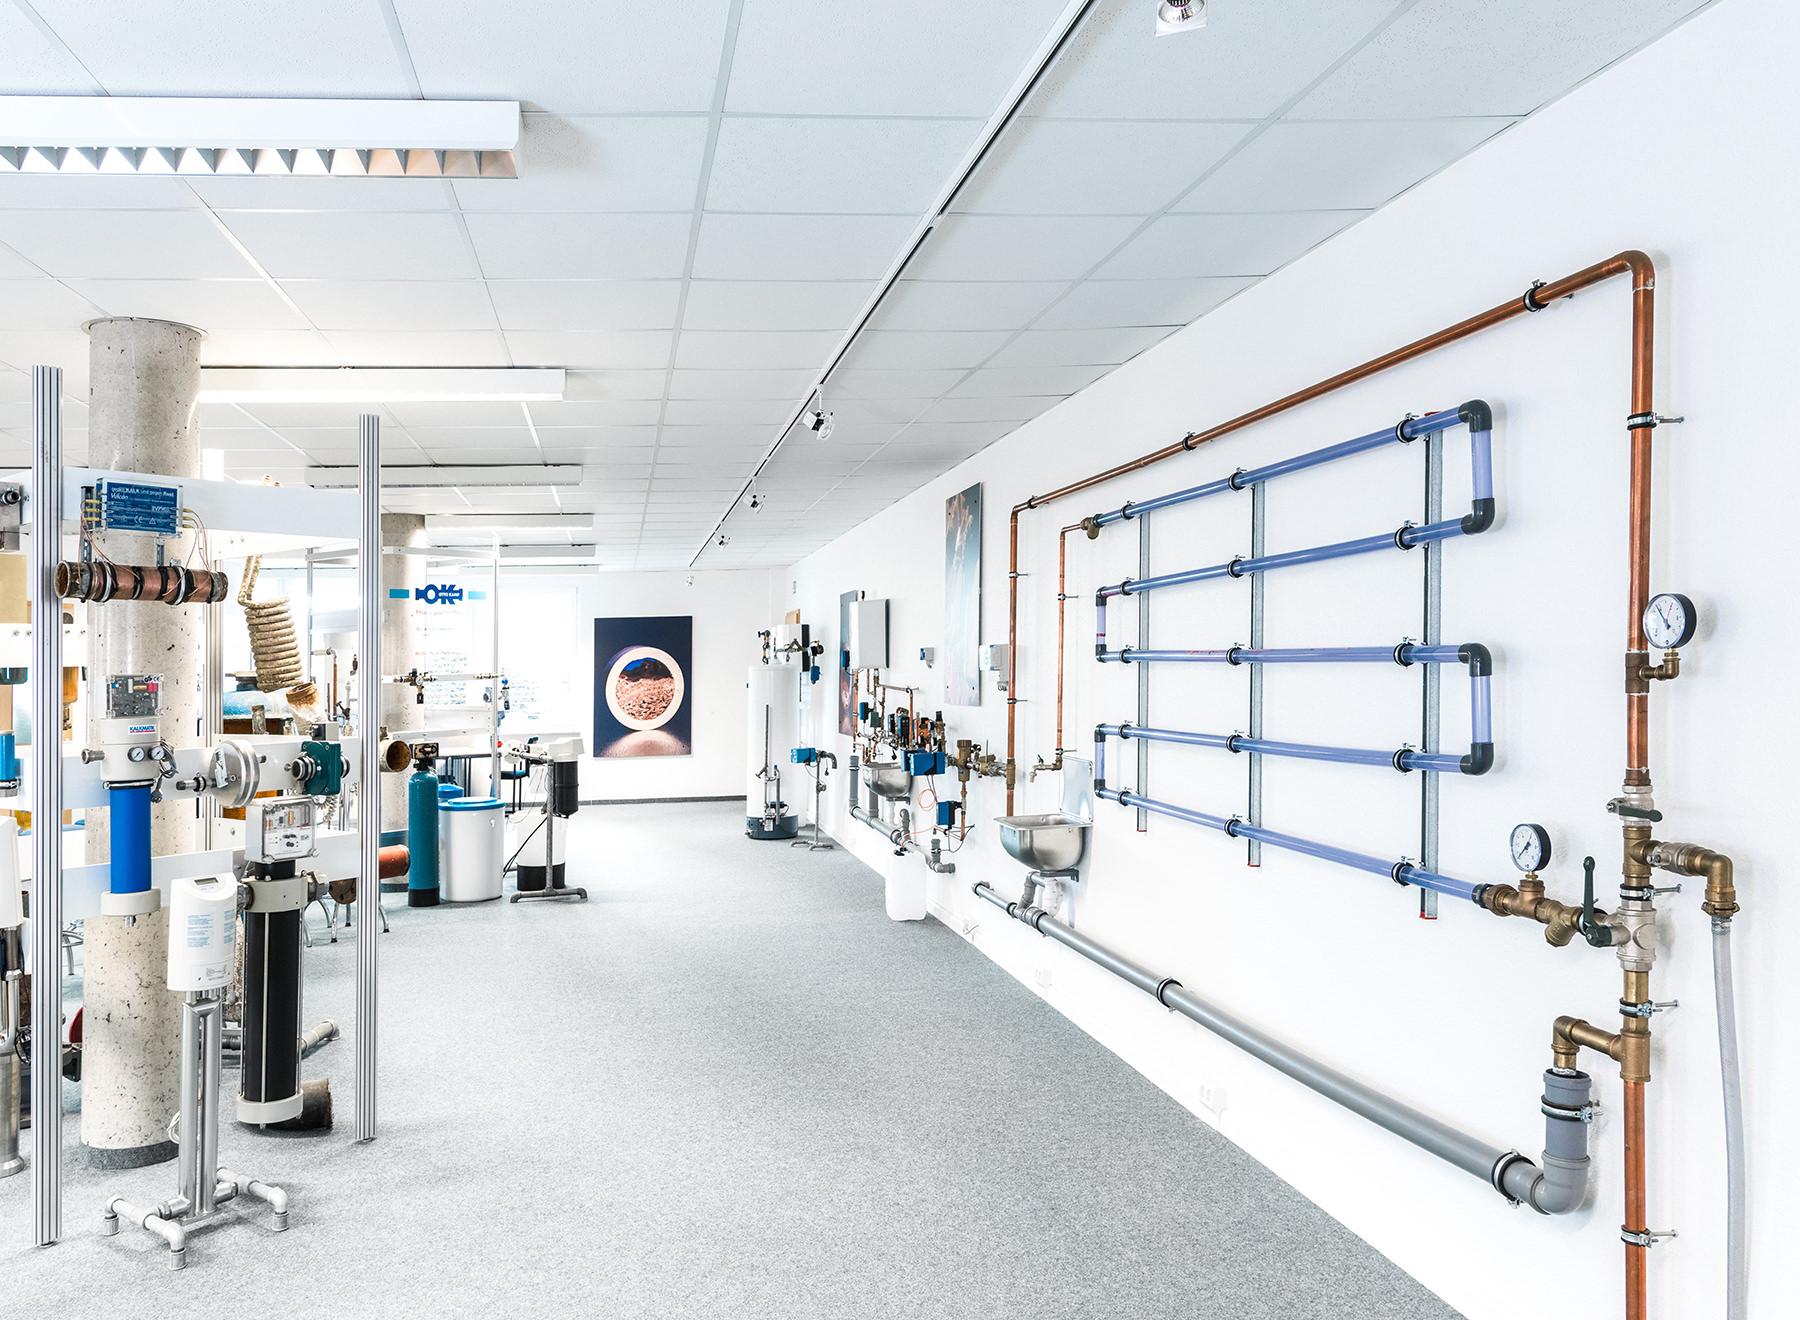 Turbo Reinigung und Wartung für saubere Wasserleitungen und Trinkwasser. EE57